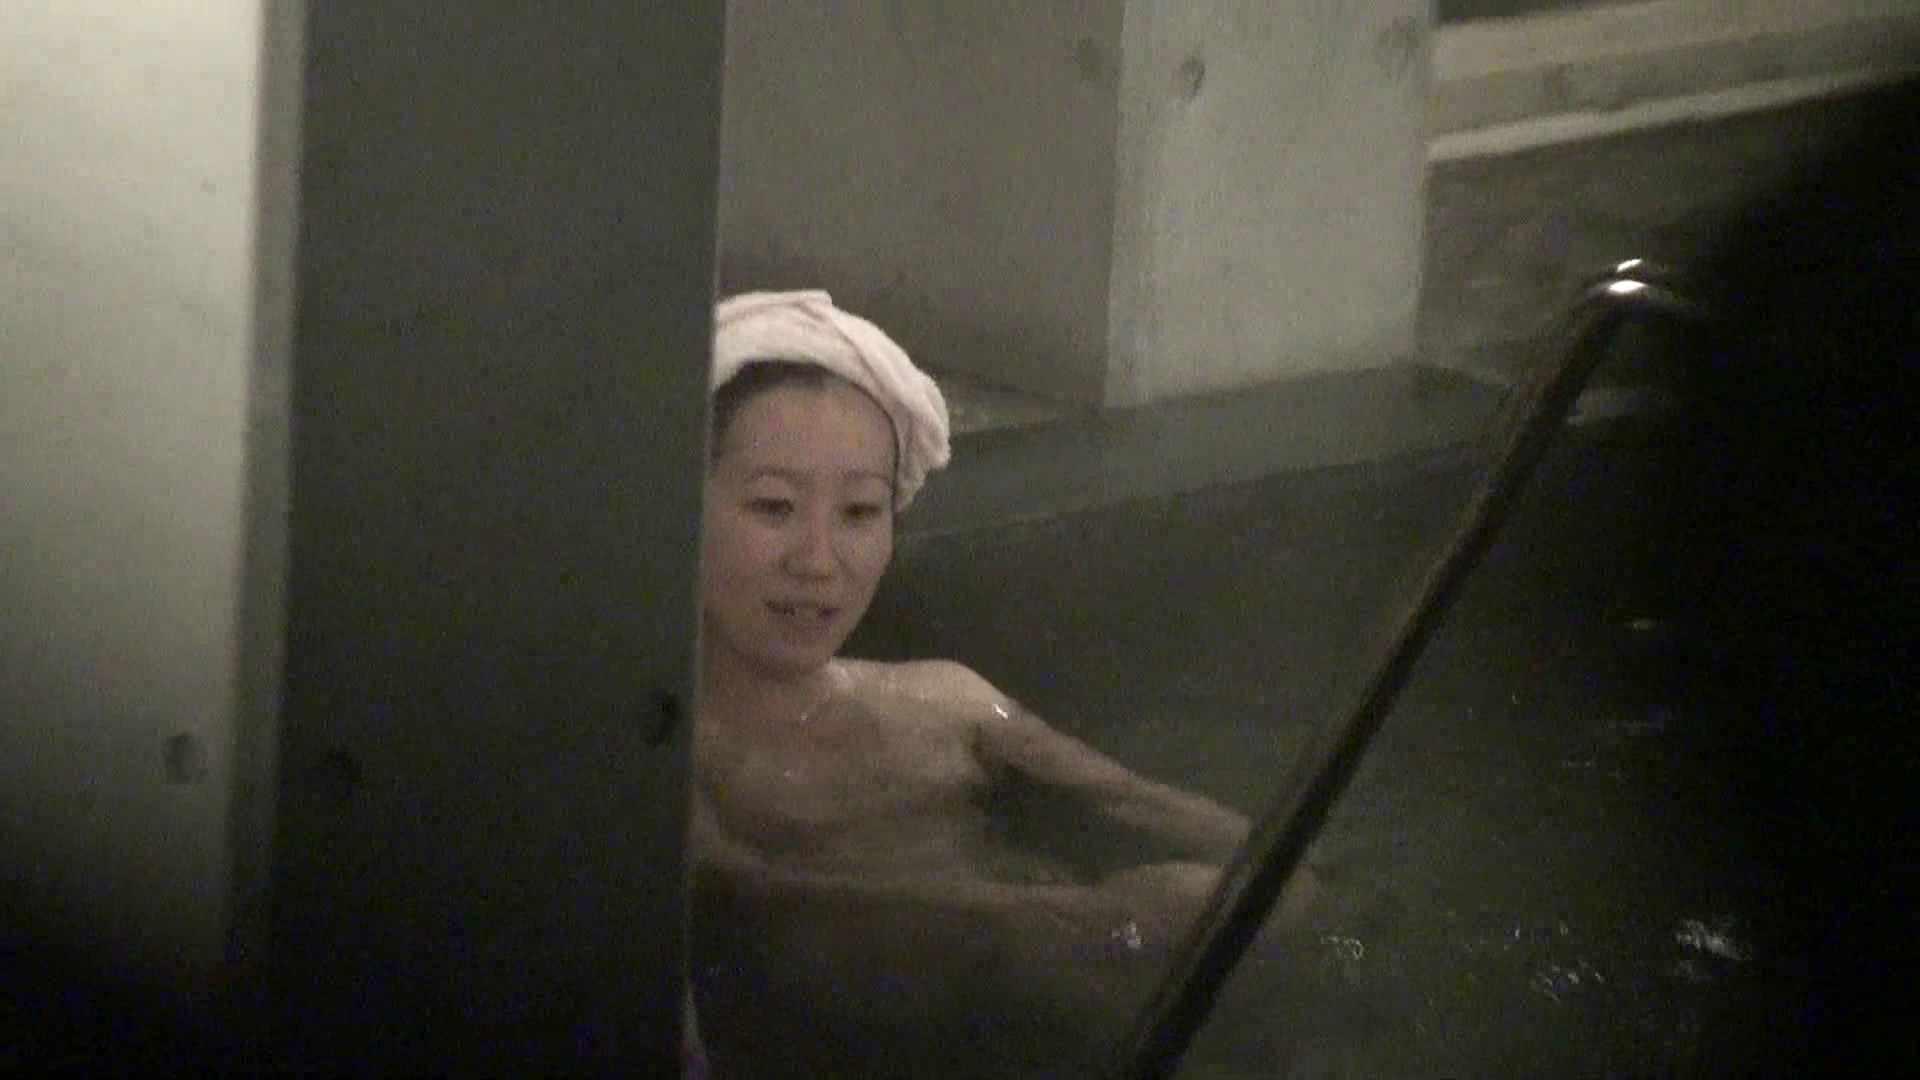 Aquaな露天風呂Vol.416 盗撮 | OLのエロ生活  25連発 1